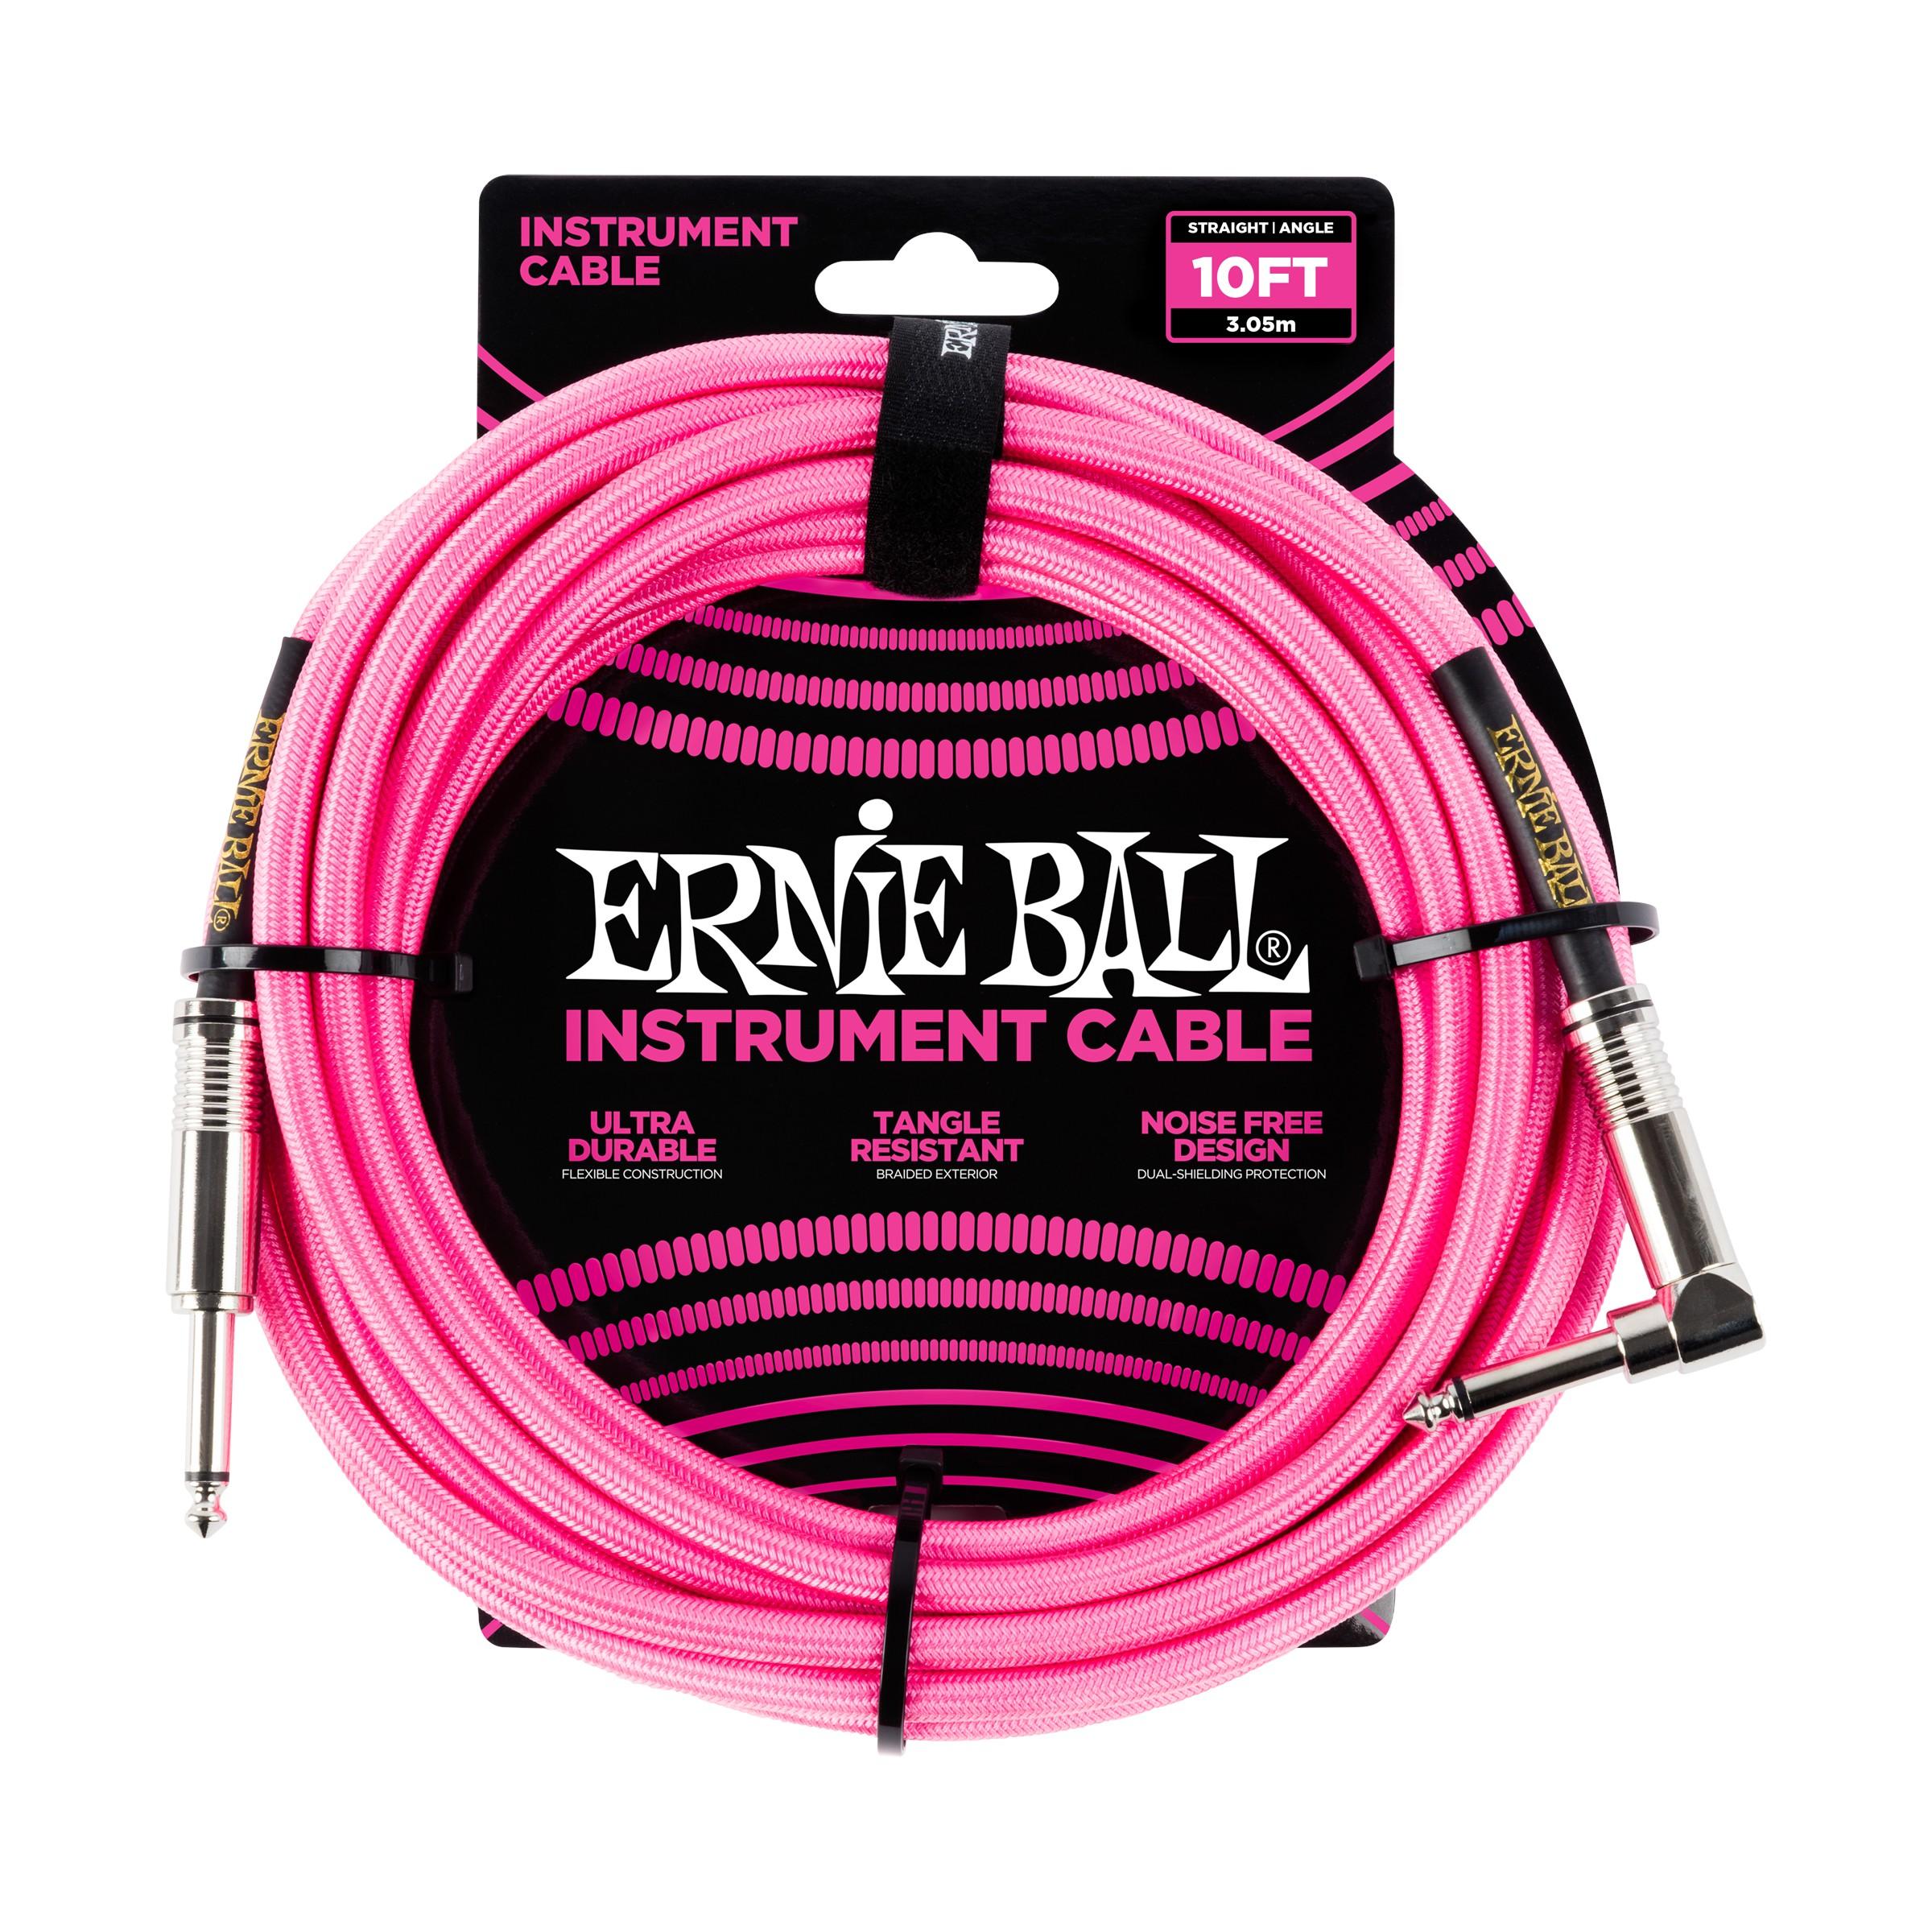 ERNIE BALL Instrumentenkabel, Gewebe, gerade/gewinkelt, neonpink, 3m